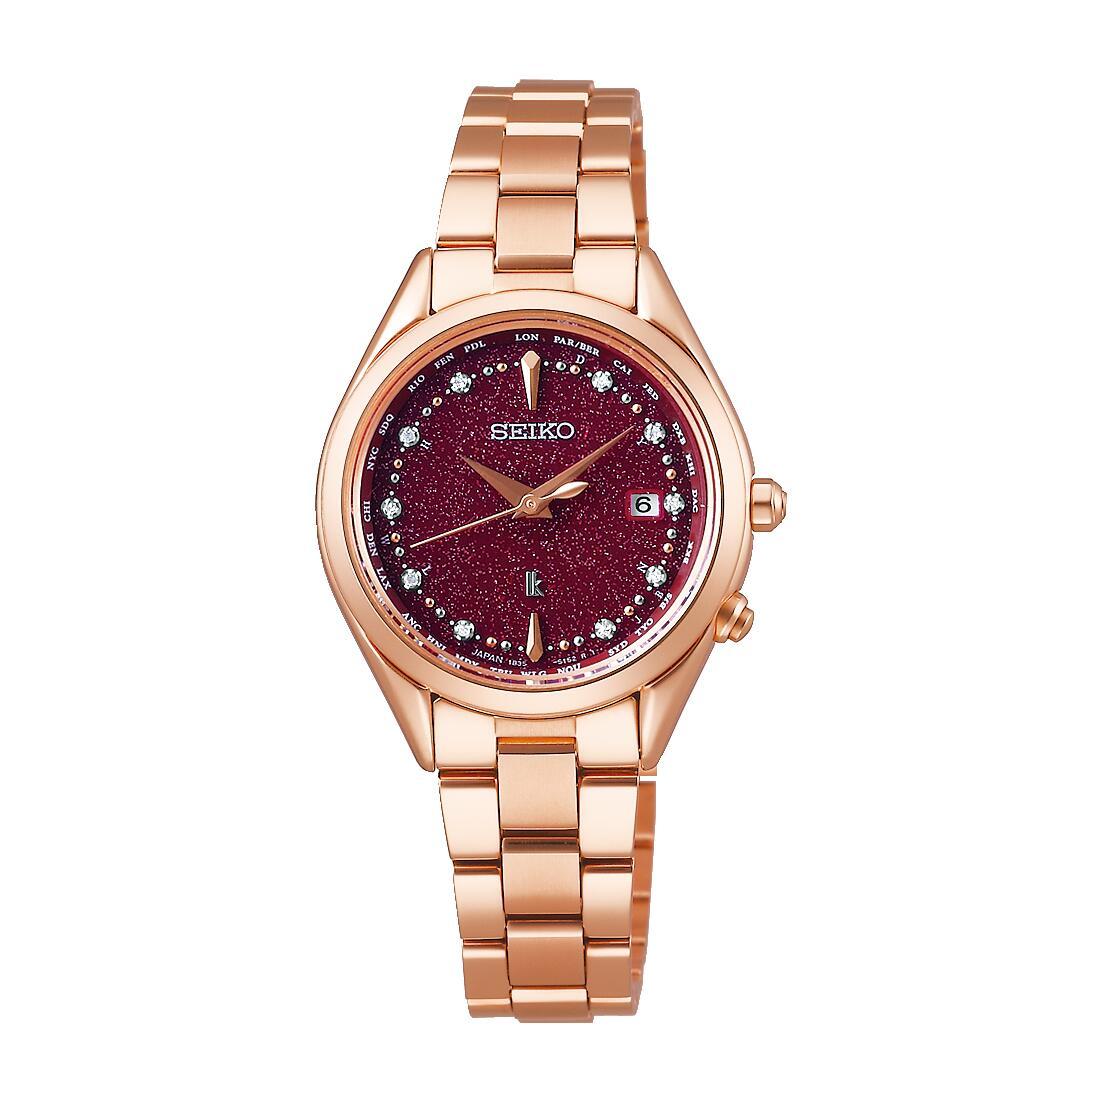 レディース 腕時計 定番キャンバス 新品 正規品 SEIKO セイコー SSQV080 ☆正規品新品未使用品 Jewel限定モデル LUKIA ルキア ソーラー電波 限定500本